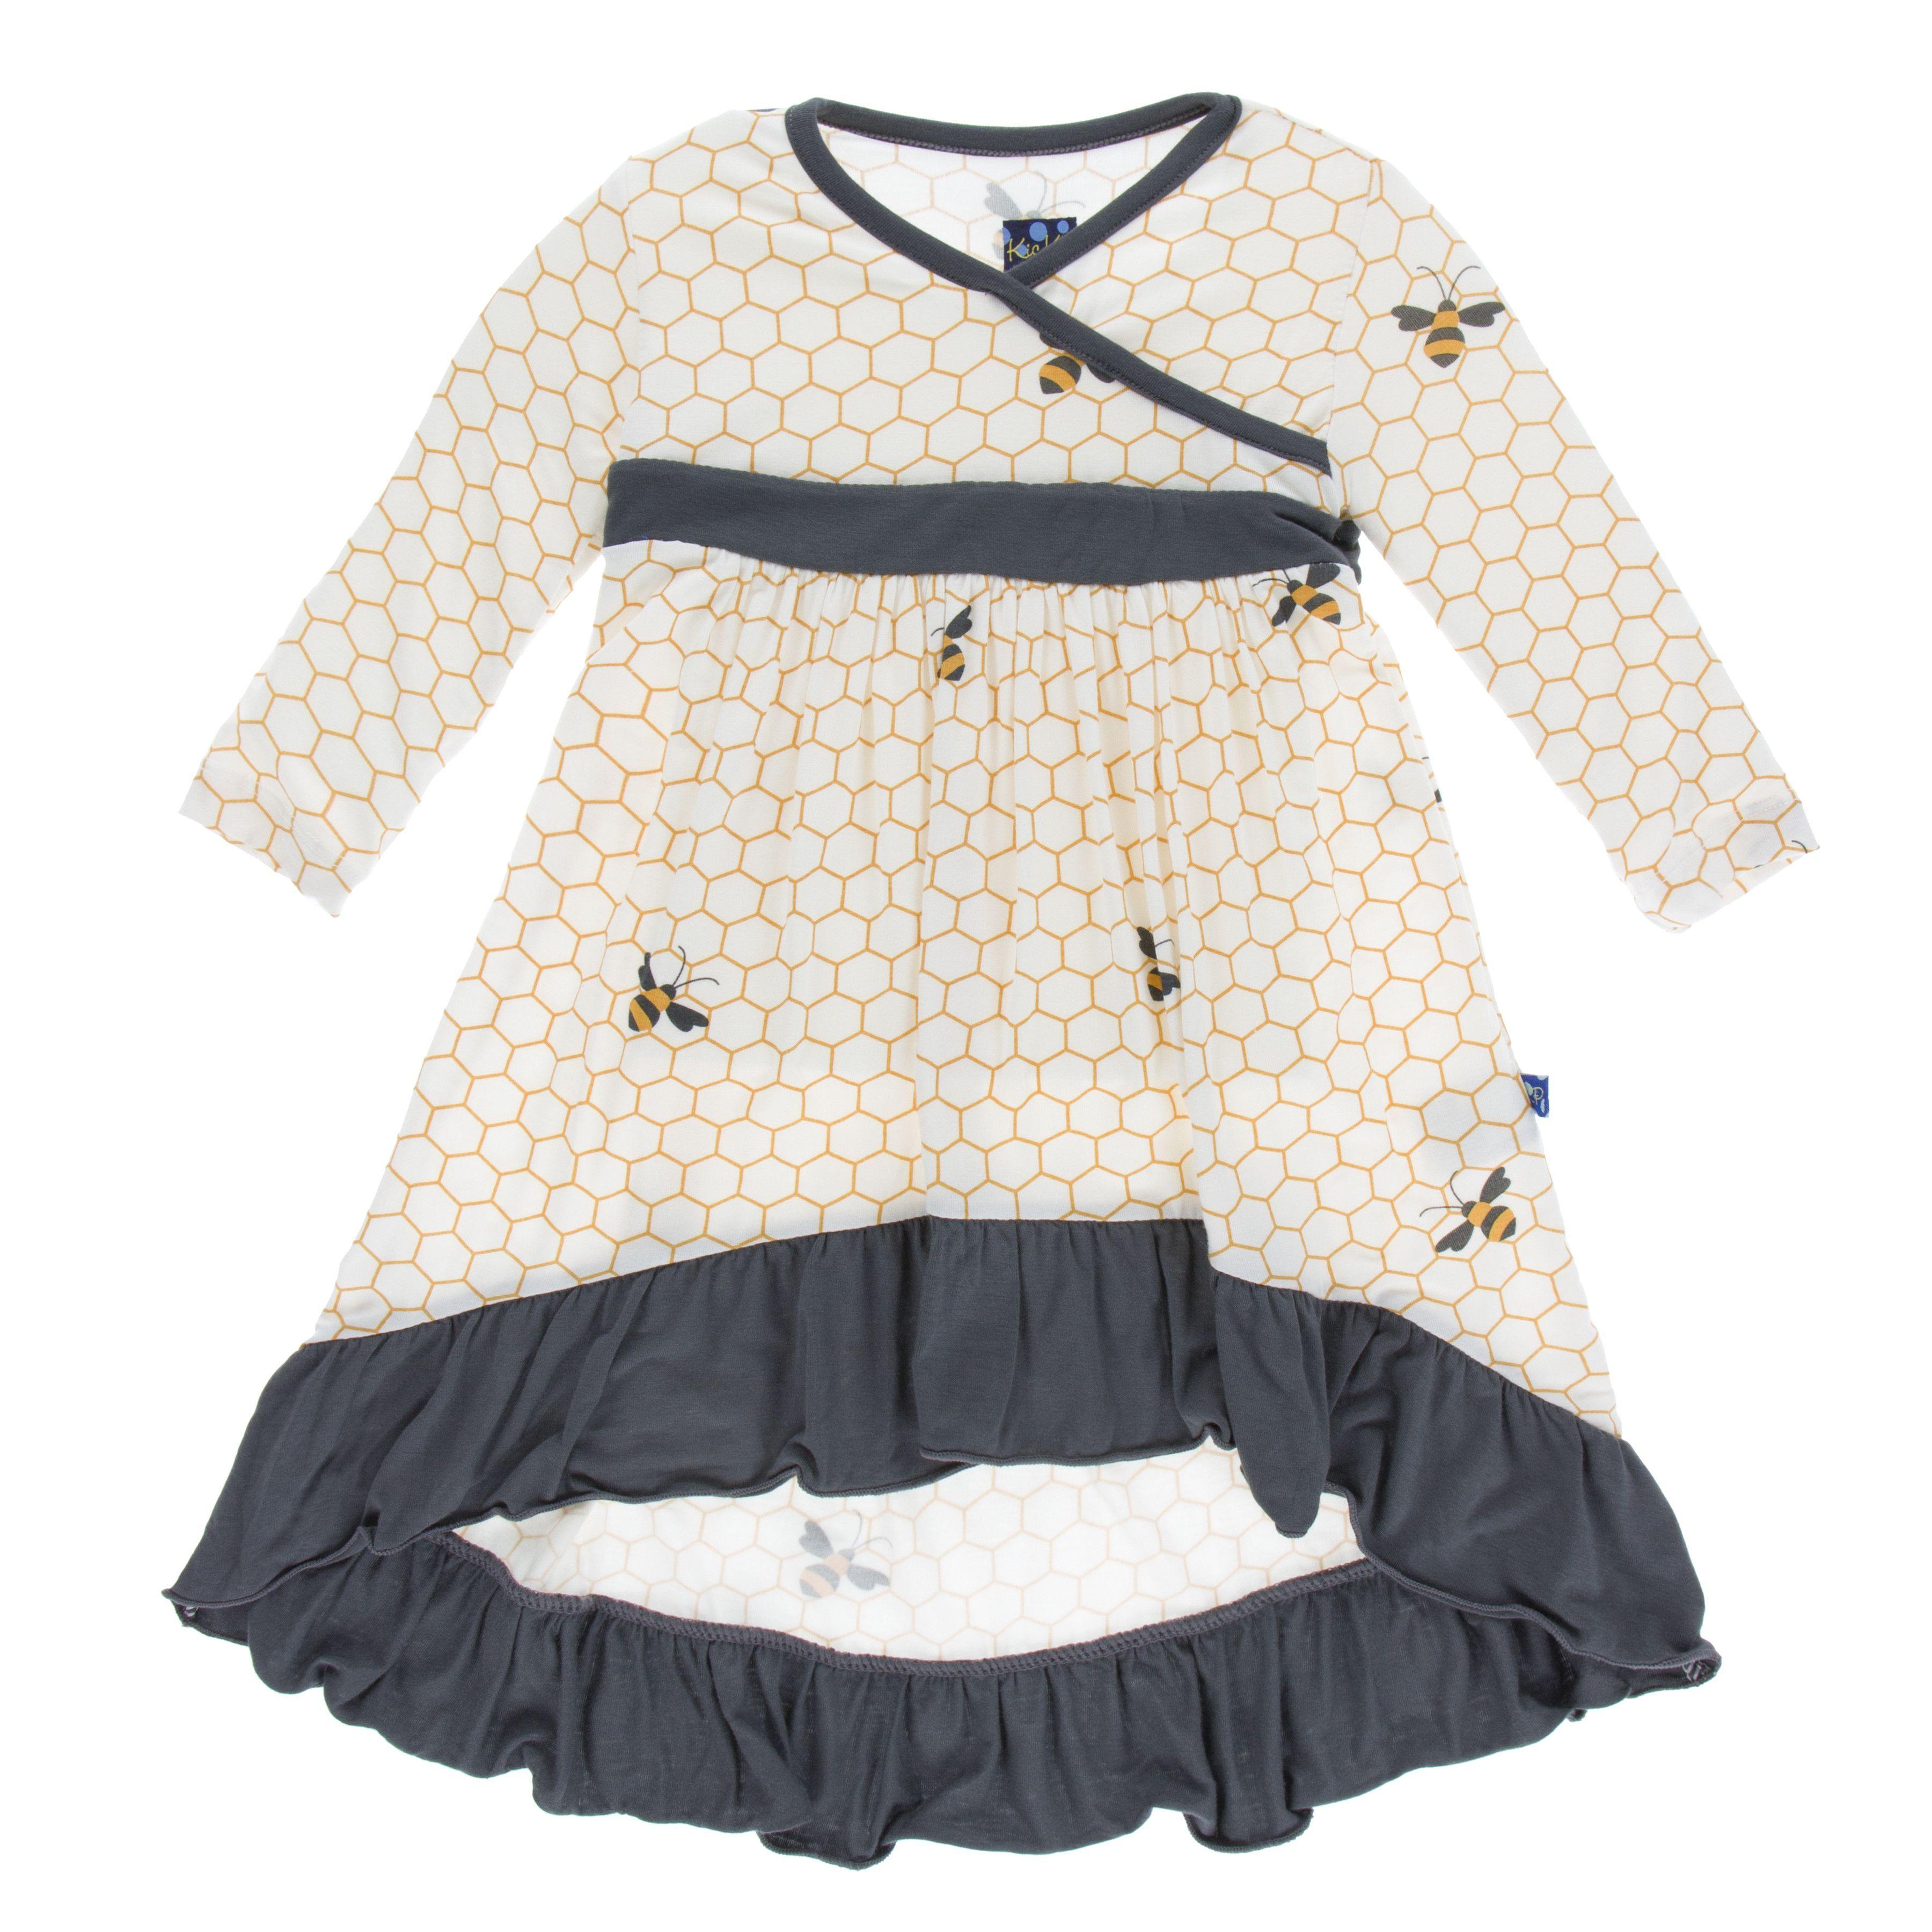 Kickee pants print long sleeve hilo maxi dress natural honeycomb